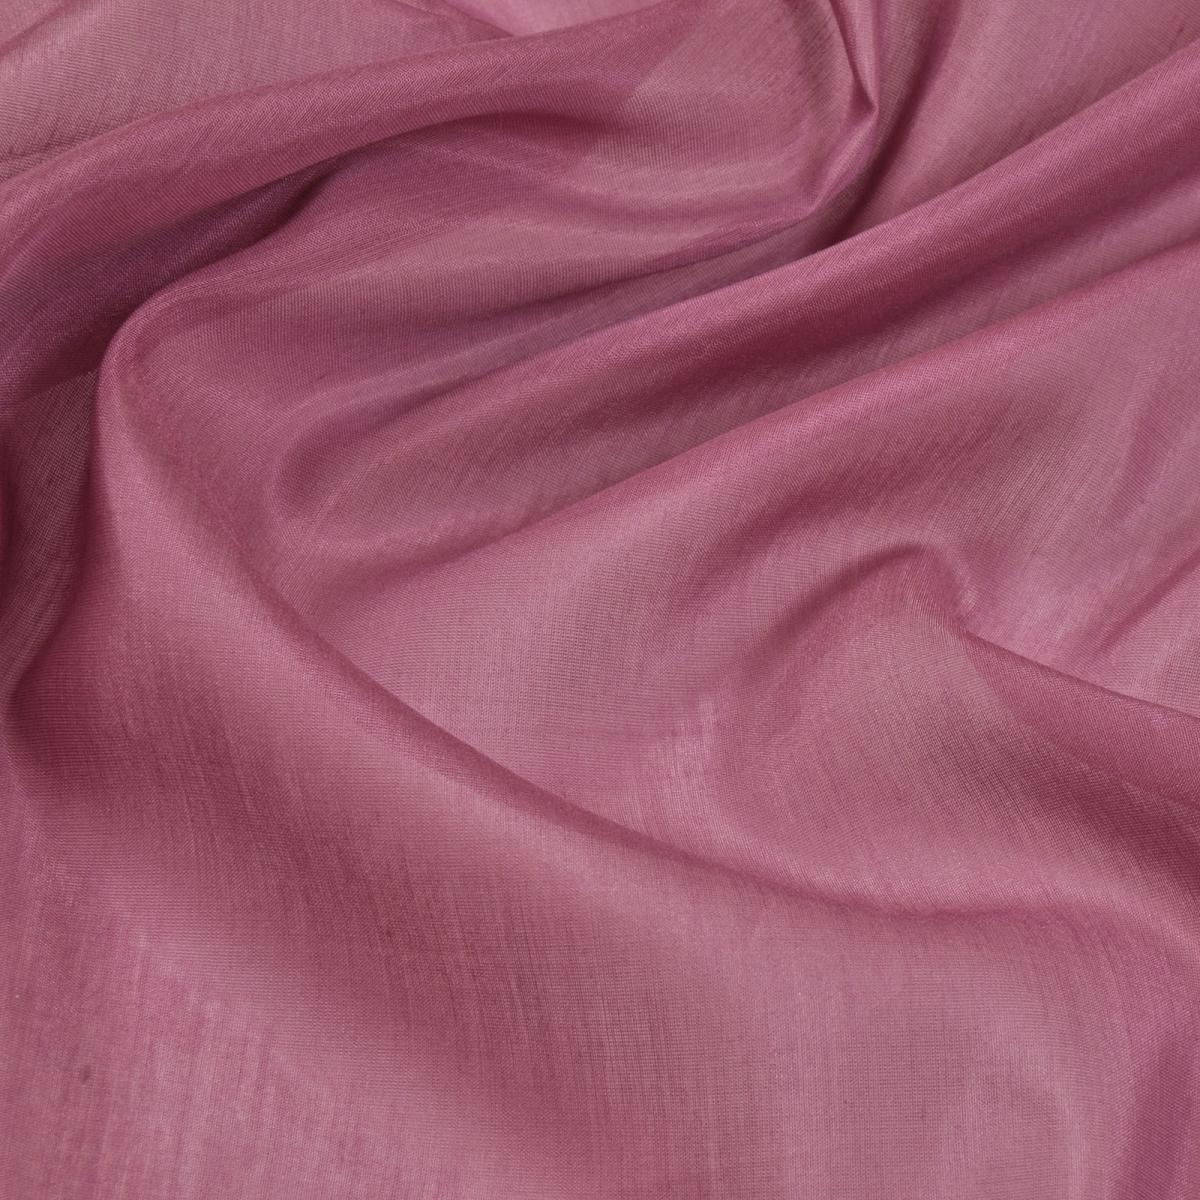 Муслин — что это такое, шьют ли из муслиновой ткани платья, шторы или постельное белье?